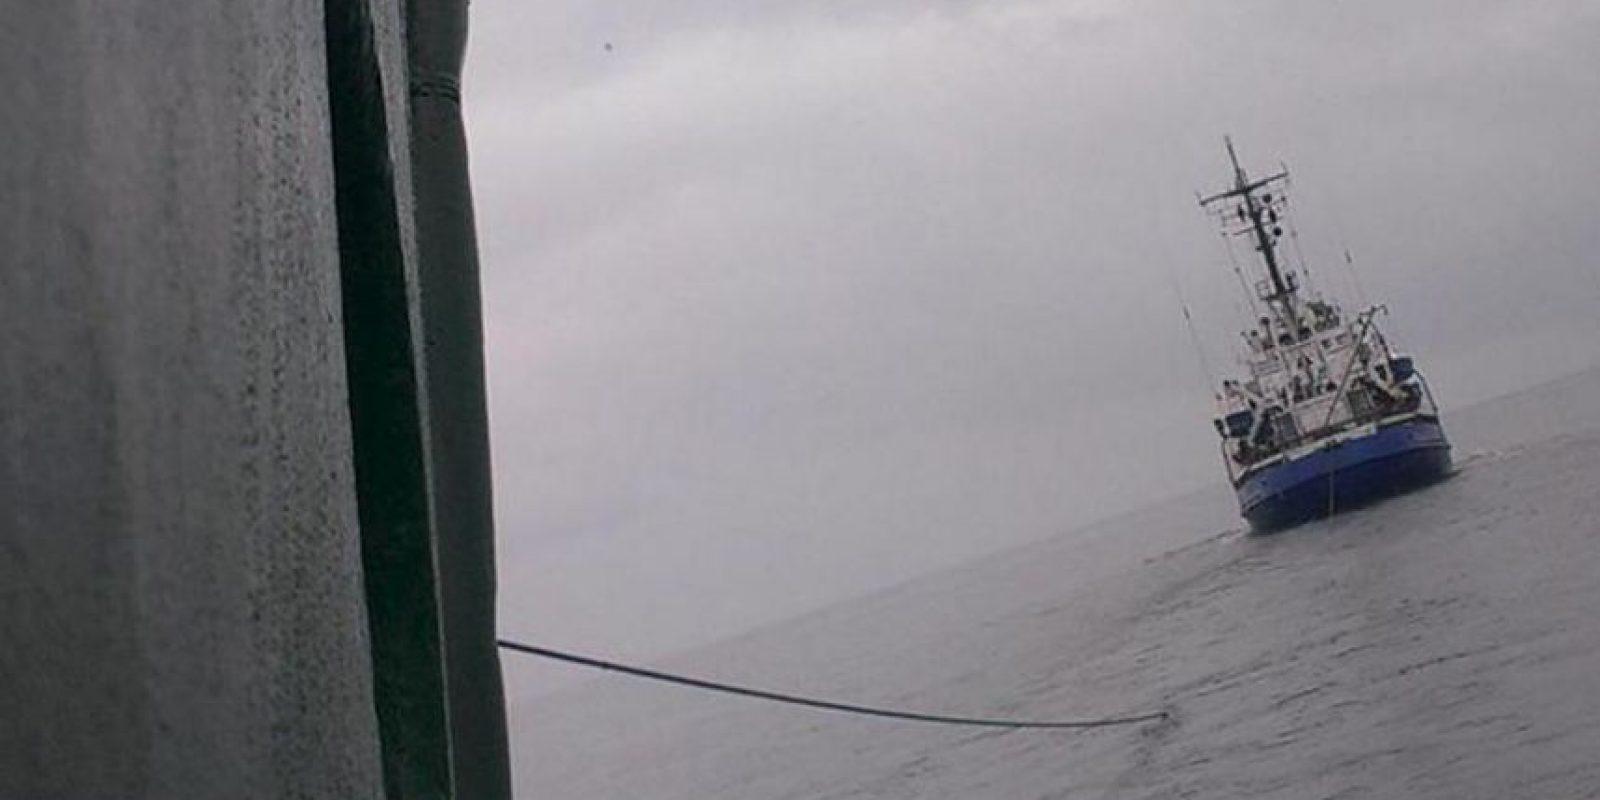 """Fotografía sin fechar facilitada hoy por Greenpeace, que muestra al rompehielos """"Arctic Sunrise"""" de la organización ecologista mientras es remolcado por las autoridades rusas. EFE"""